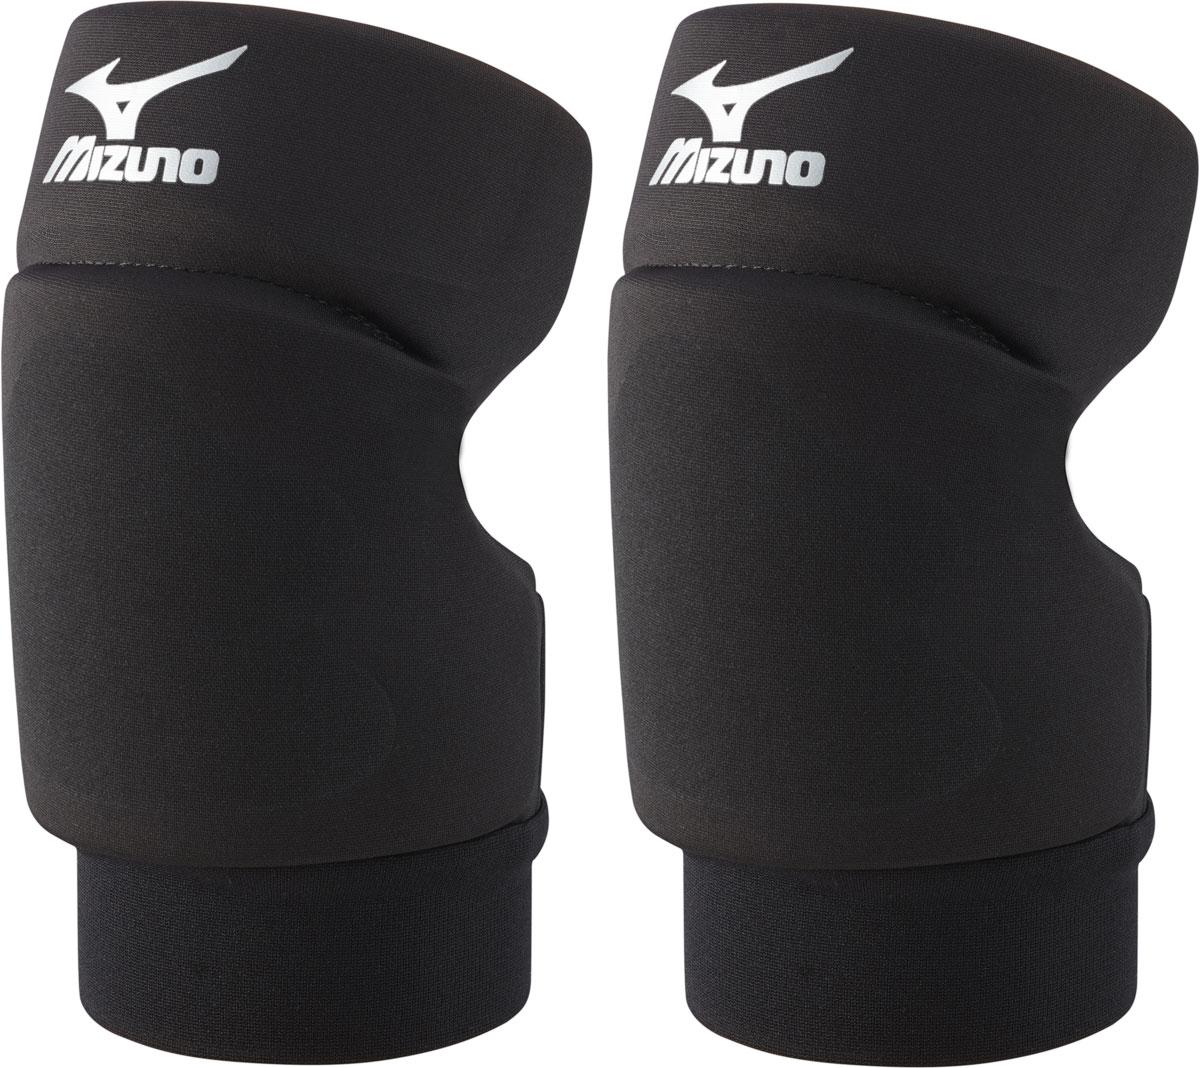 Наколенники волейбольные Mizuno Open Back Kneepad, цвет: черный, 2 шт. Размер MZ59SS890Наколенники для волейбола Mizuno Open Back Kneepad с открытой задней частью, обеспечивающие великолепную свободу движений во время игры на площадке.Состав: 58% нейлон, 25% полиэстер, 10% хлопок, 7% спандекс.